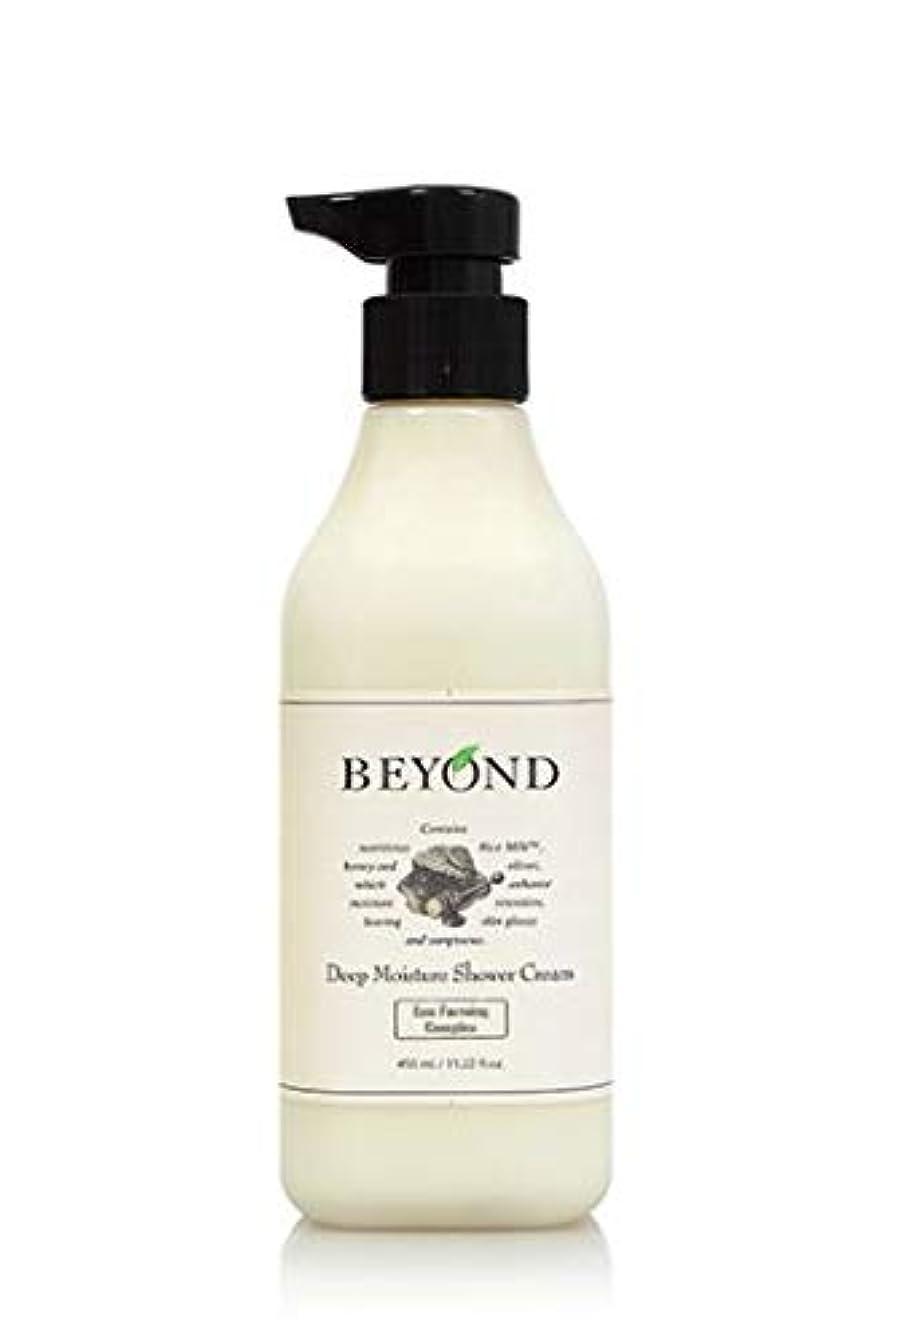 プライム政府プログラム[ビヨンド] BEYOND [ディープモイスチャー シャワークリーム 450ml] Deep Moisture Shower Cream 450ml [海外直送品]